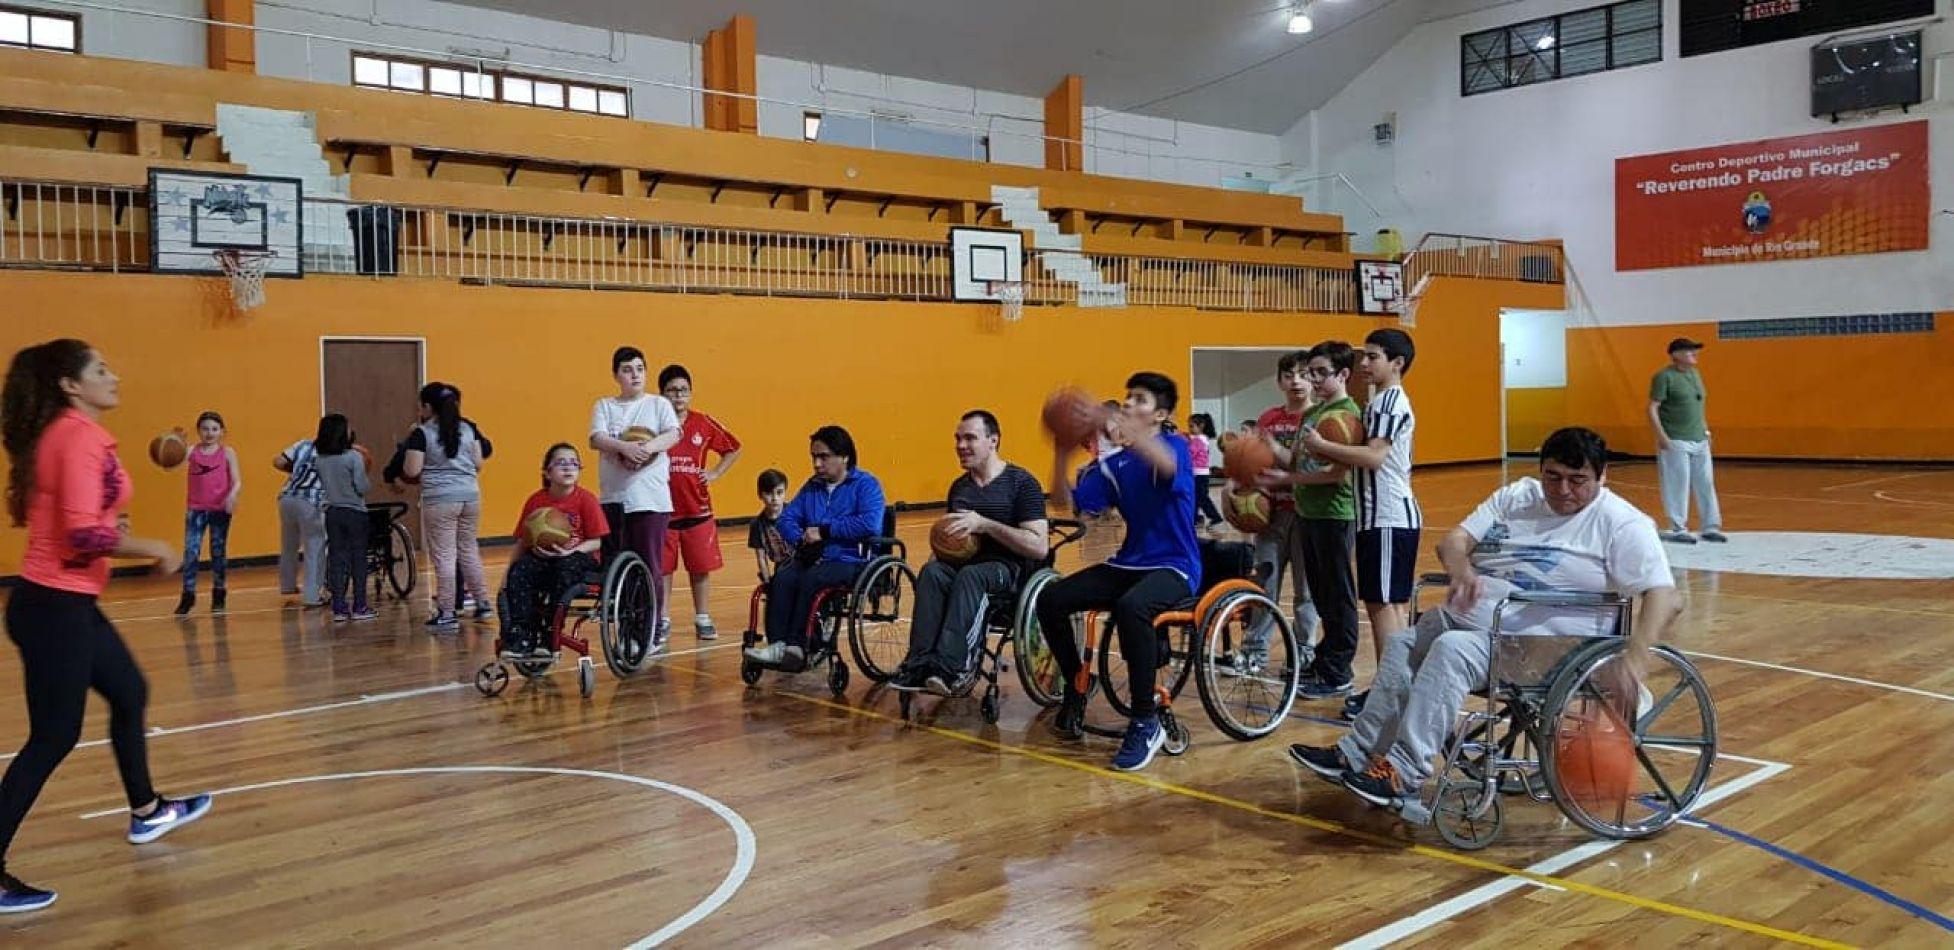 Coordinación de Discapacidad y Deporte Adaptado sumó a sus propuestas las clases de Básquet Inclusivo 3x3 con sillas de ruedas